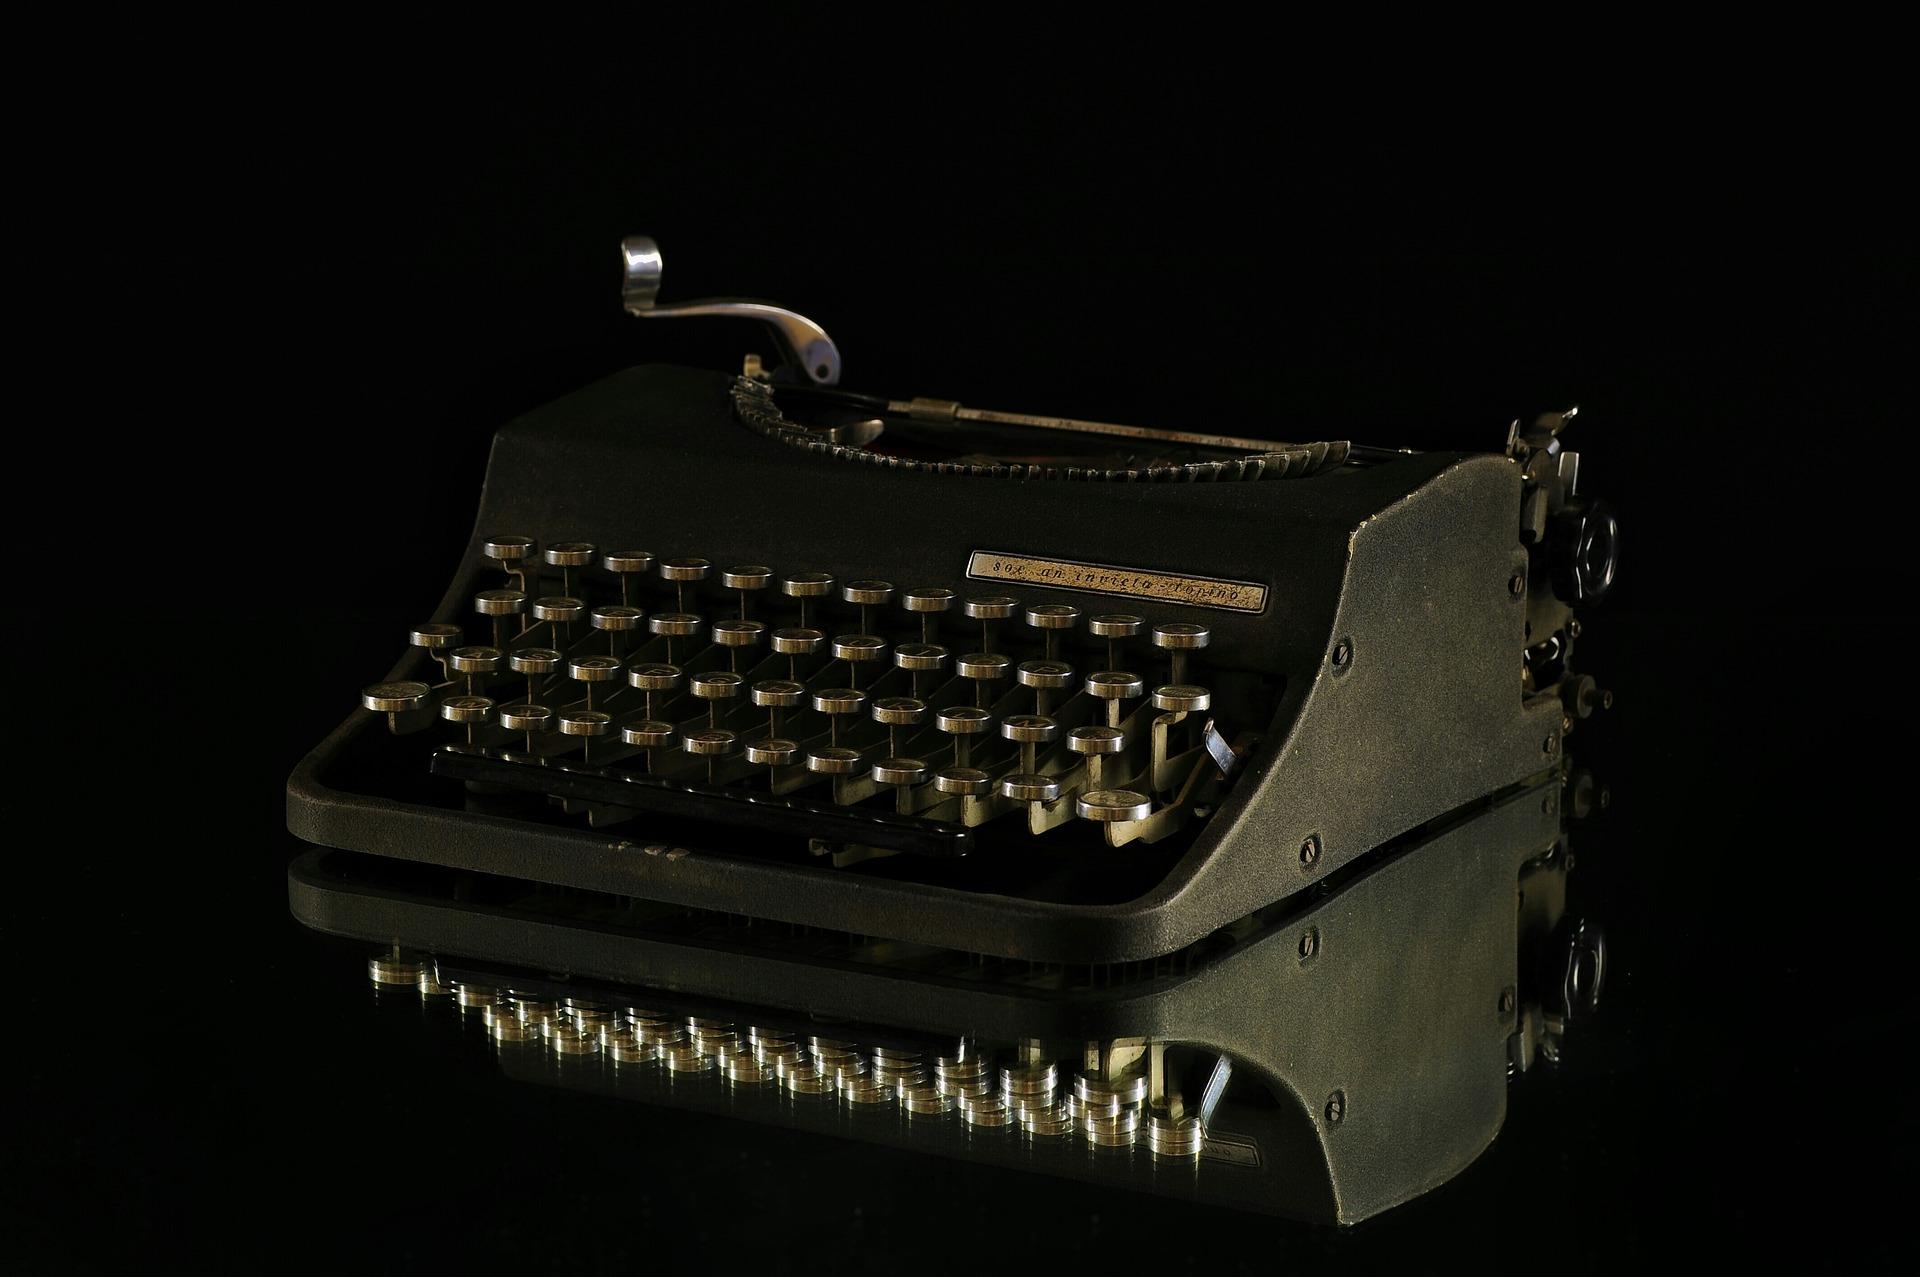 machine-1727408_1920